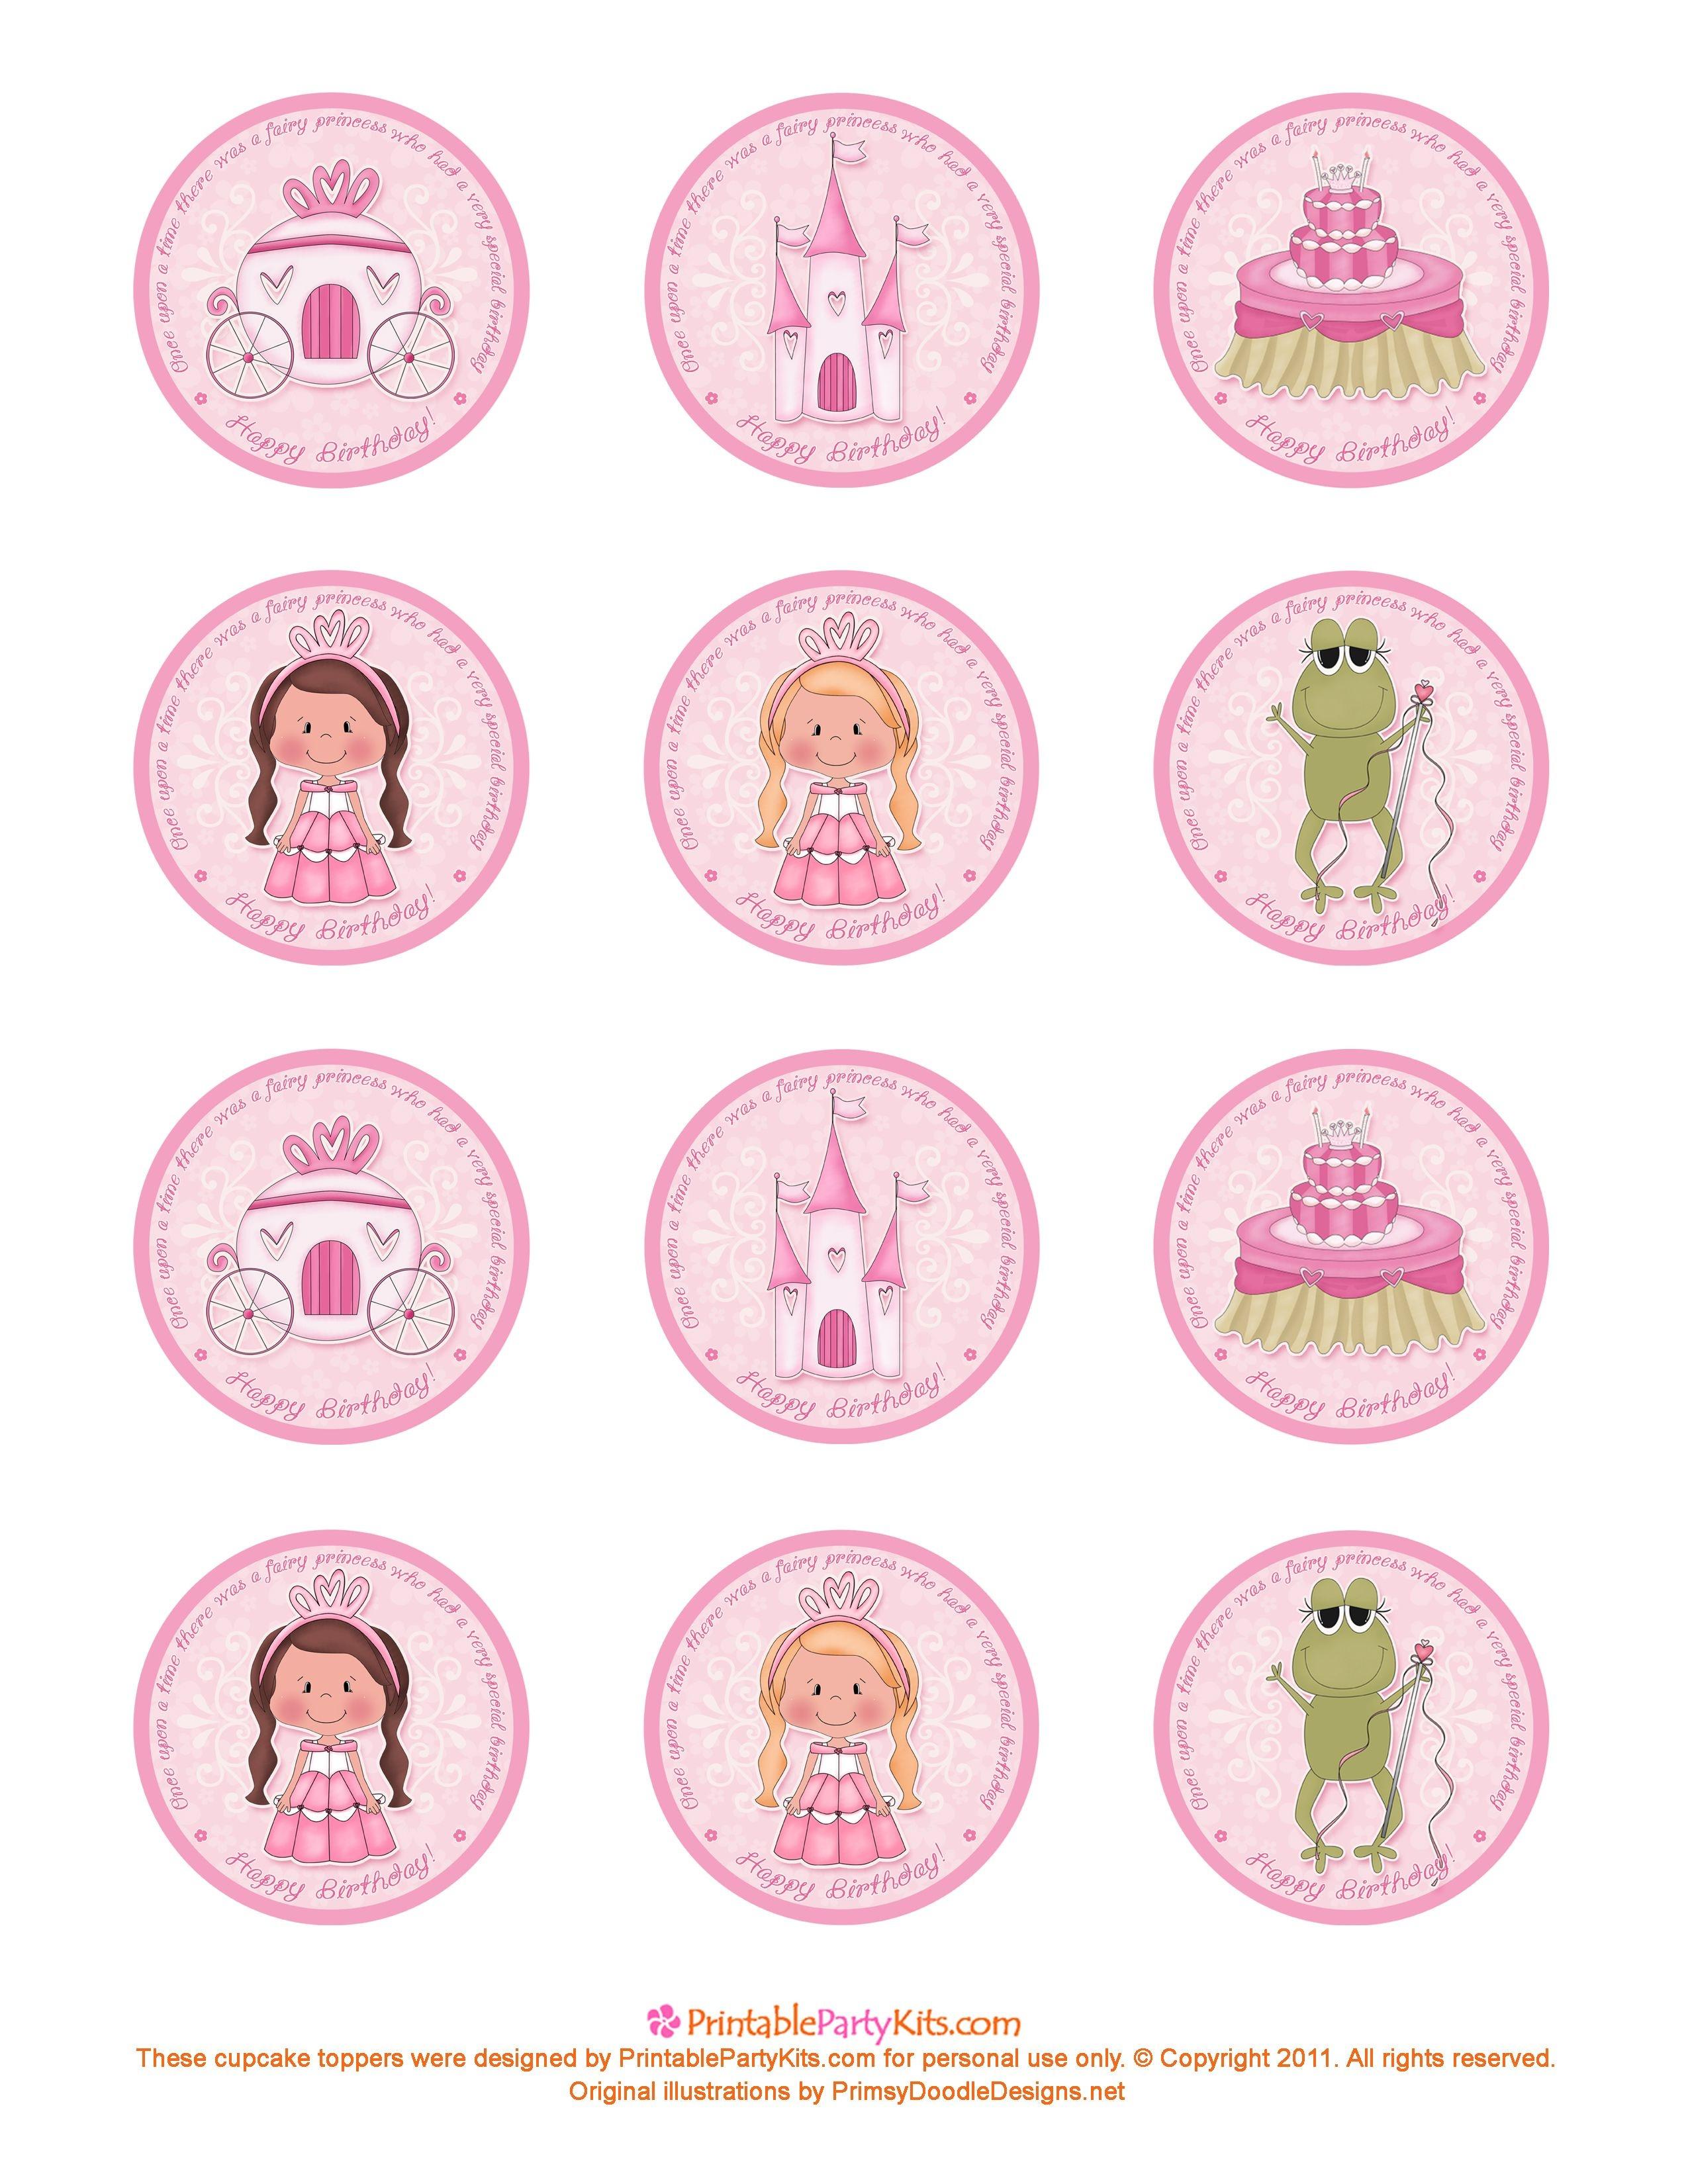 Free Printable Princess Birthday Cupcake Toppers   Printable Party - Free Printable Cupcake Toppers